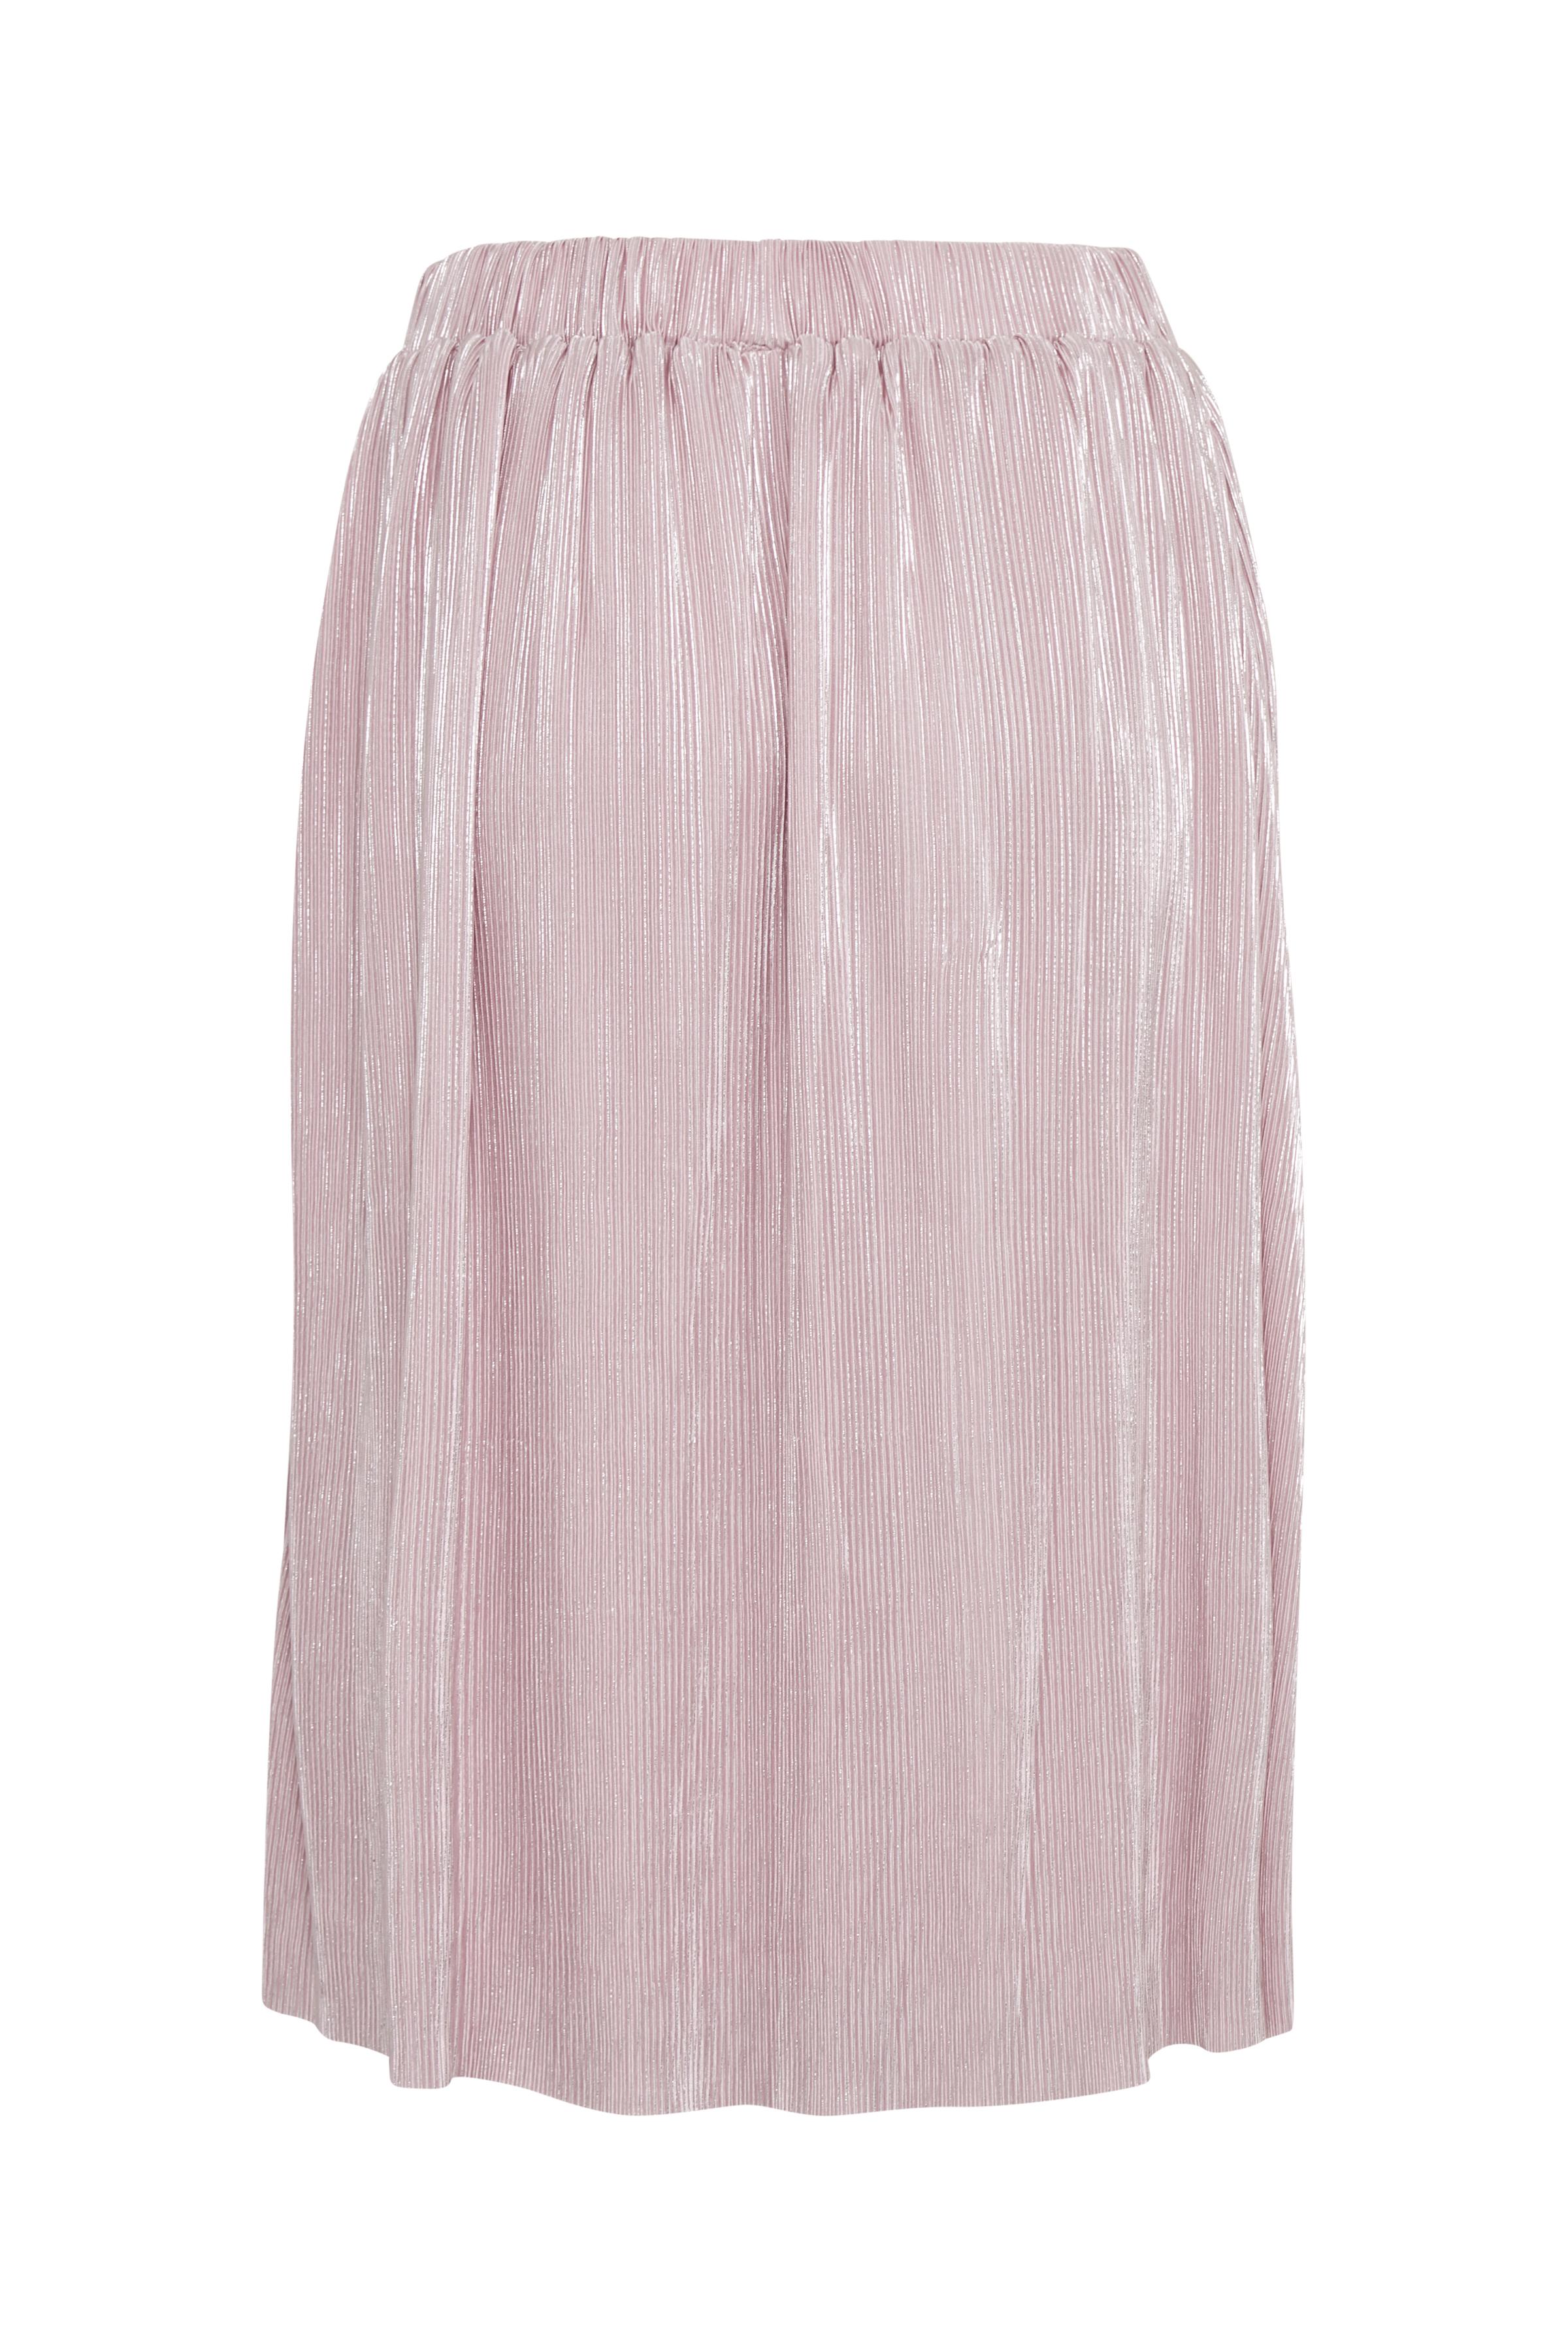 Lys rosa Nederdel fra Kaffe – Køb Lys rosa Nederdel fra str. XS-XXL her